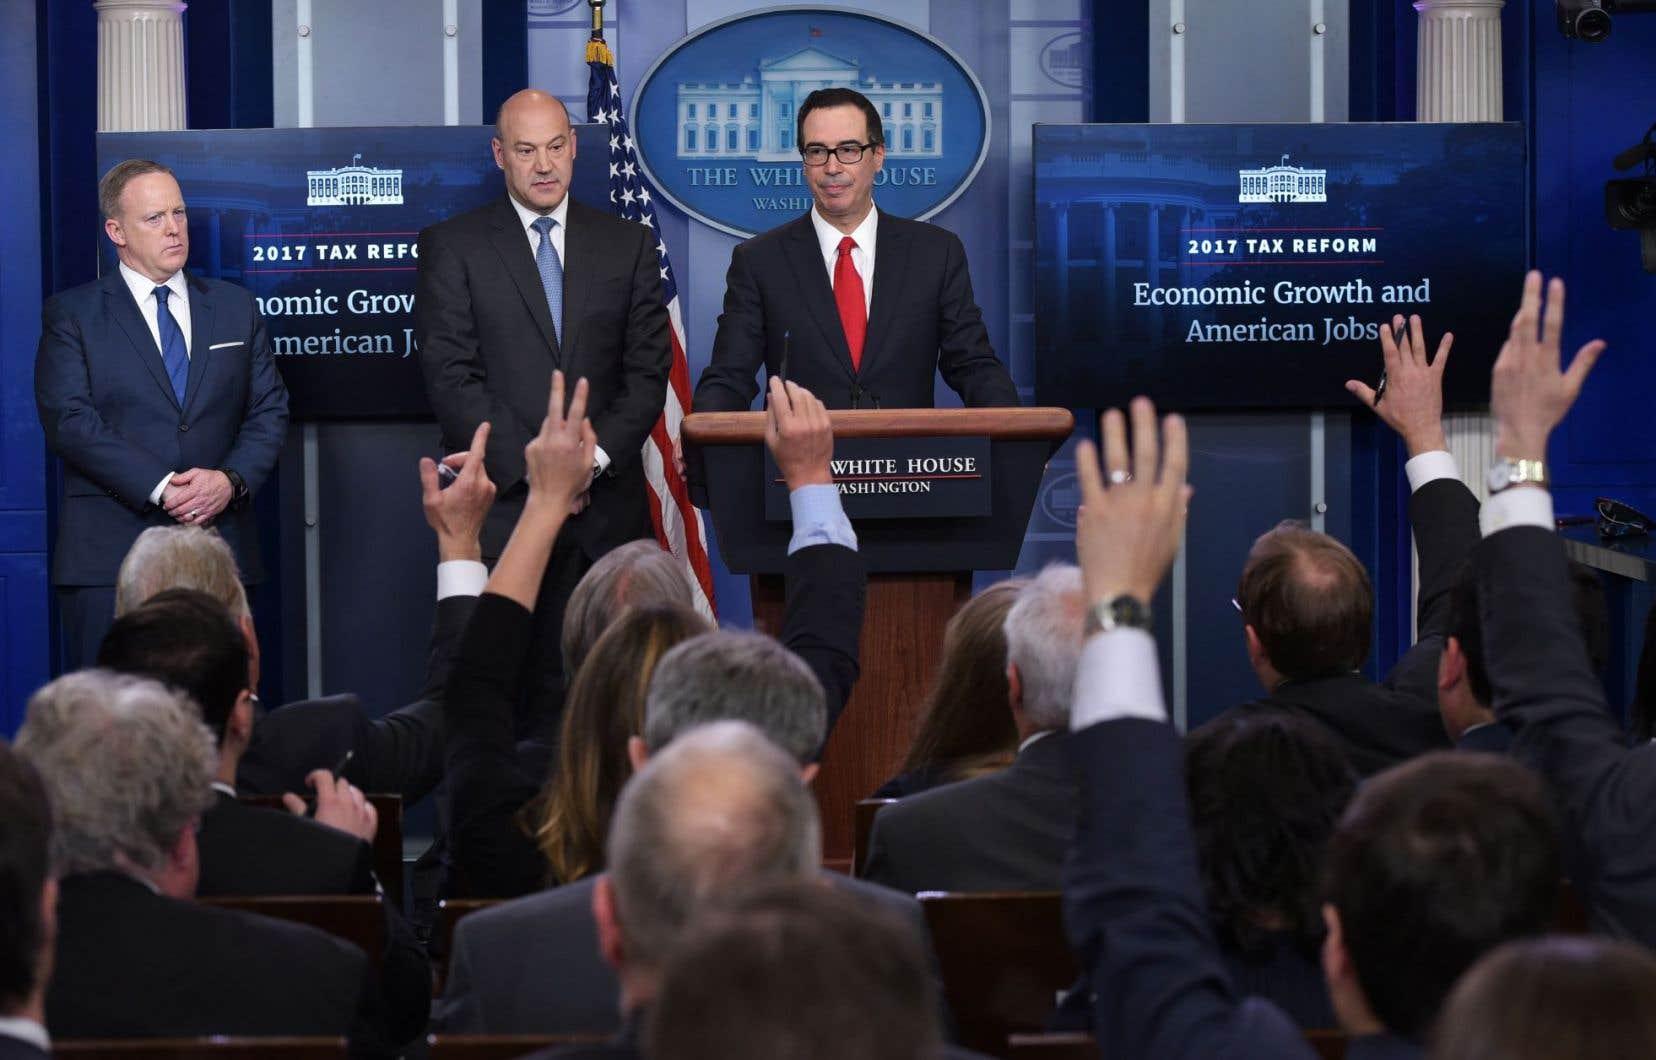 Steven Mnuchin, le secrétaire du Trésor, et Gary Cohn, conseiller économique en chef, ont annoncé la réforme devant la presse, mercredi, à Washington.